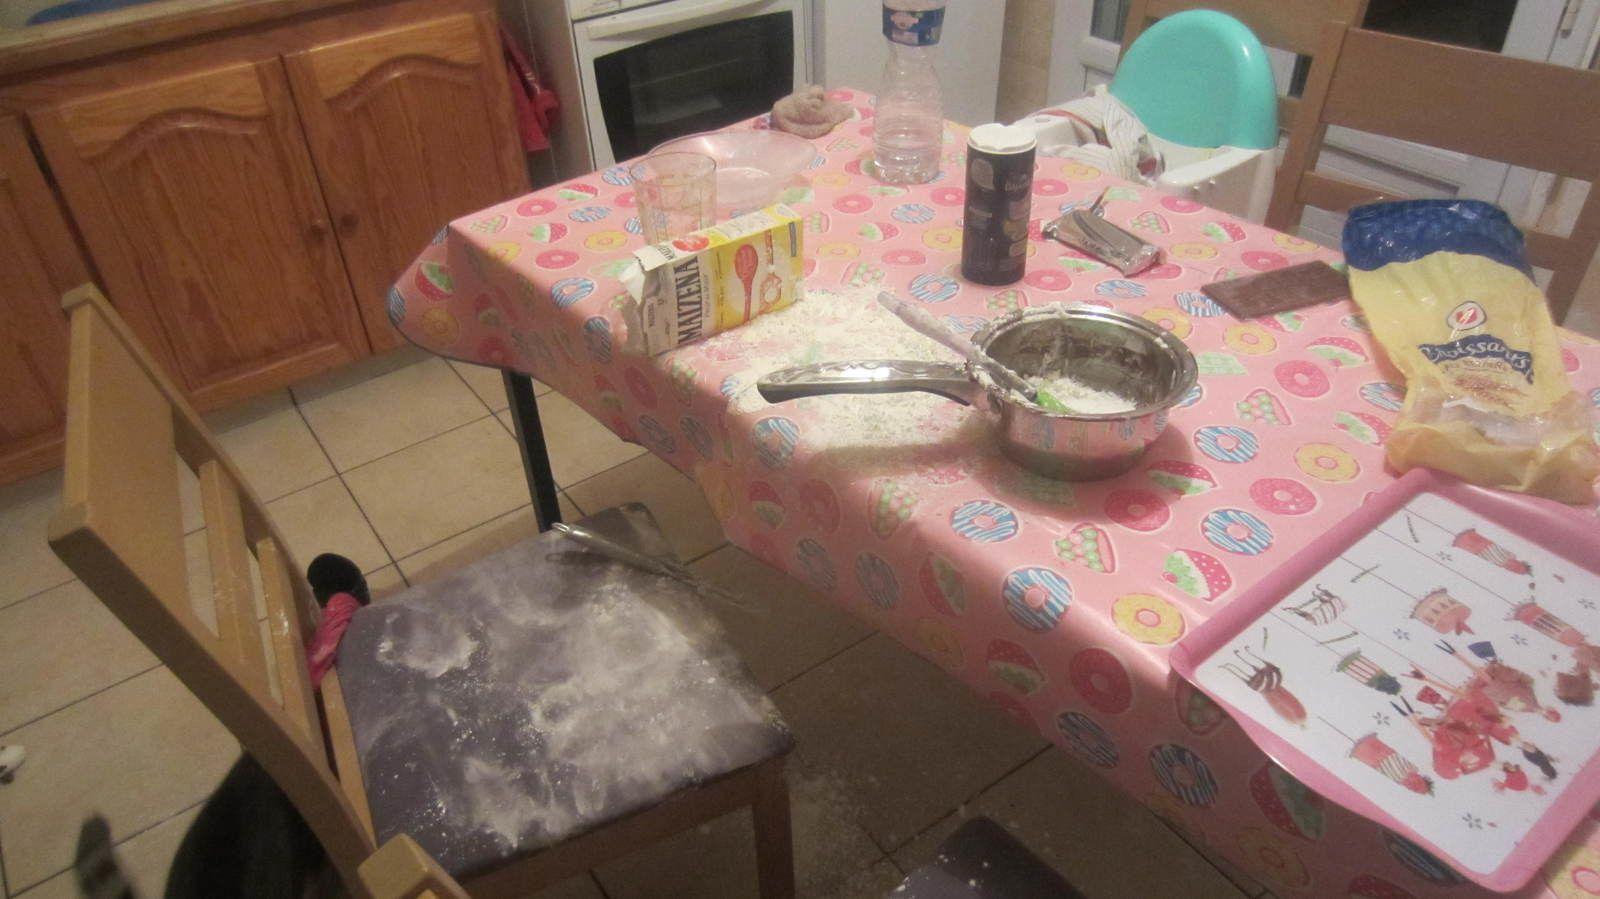 Sa plus belle des idées a été de nous préparer un dessert pendant que je lavais les cheveux d'une de ses sœurs à l'étage ... un RÉGAL !!!